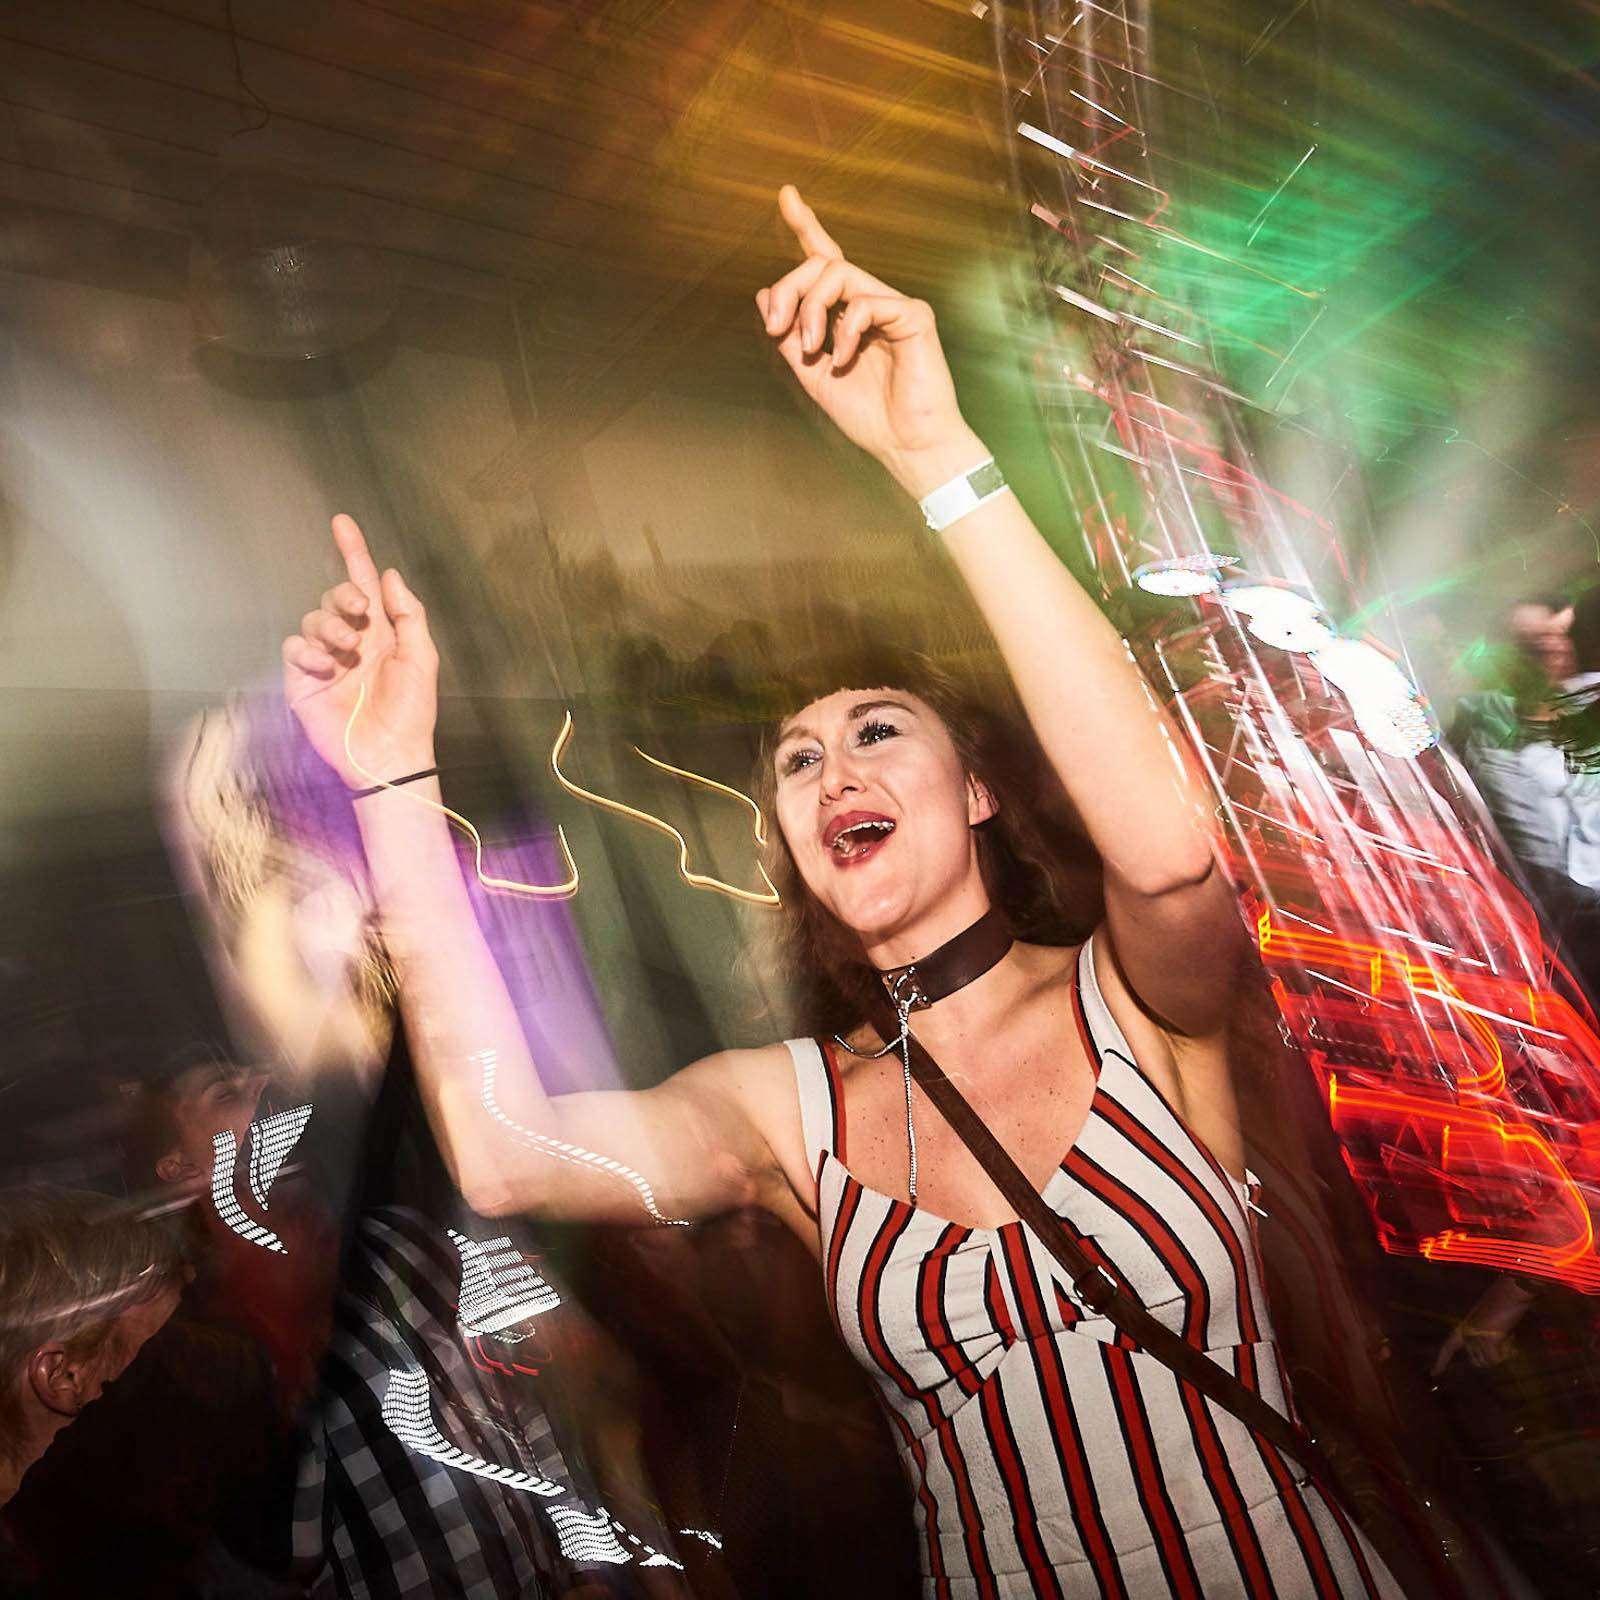 DJ |Hannover |Braunschweig |Wolfsburg |Pascal |Seeger |Discjockey |Messe |DJ |Firmenevent |Firmenfeier |DJ |Geburtstag |Event |Buchen |Anfragen |Lehmann |Eventservice